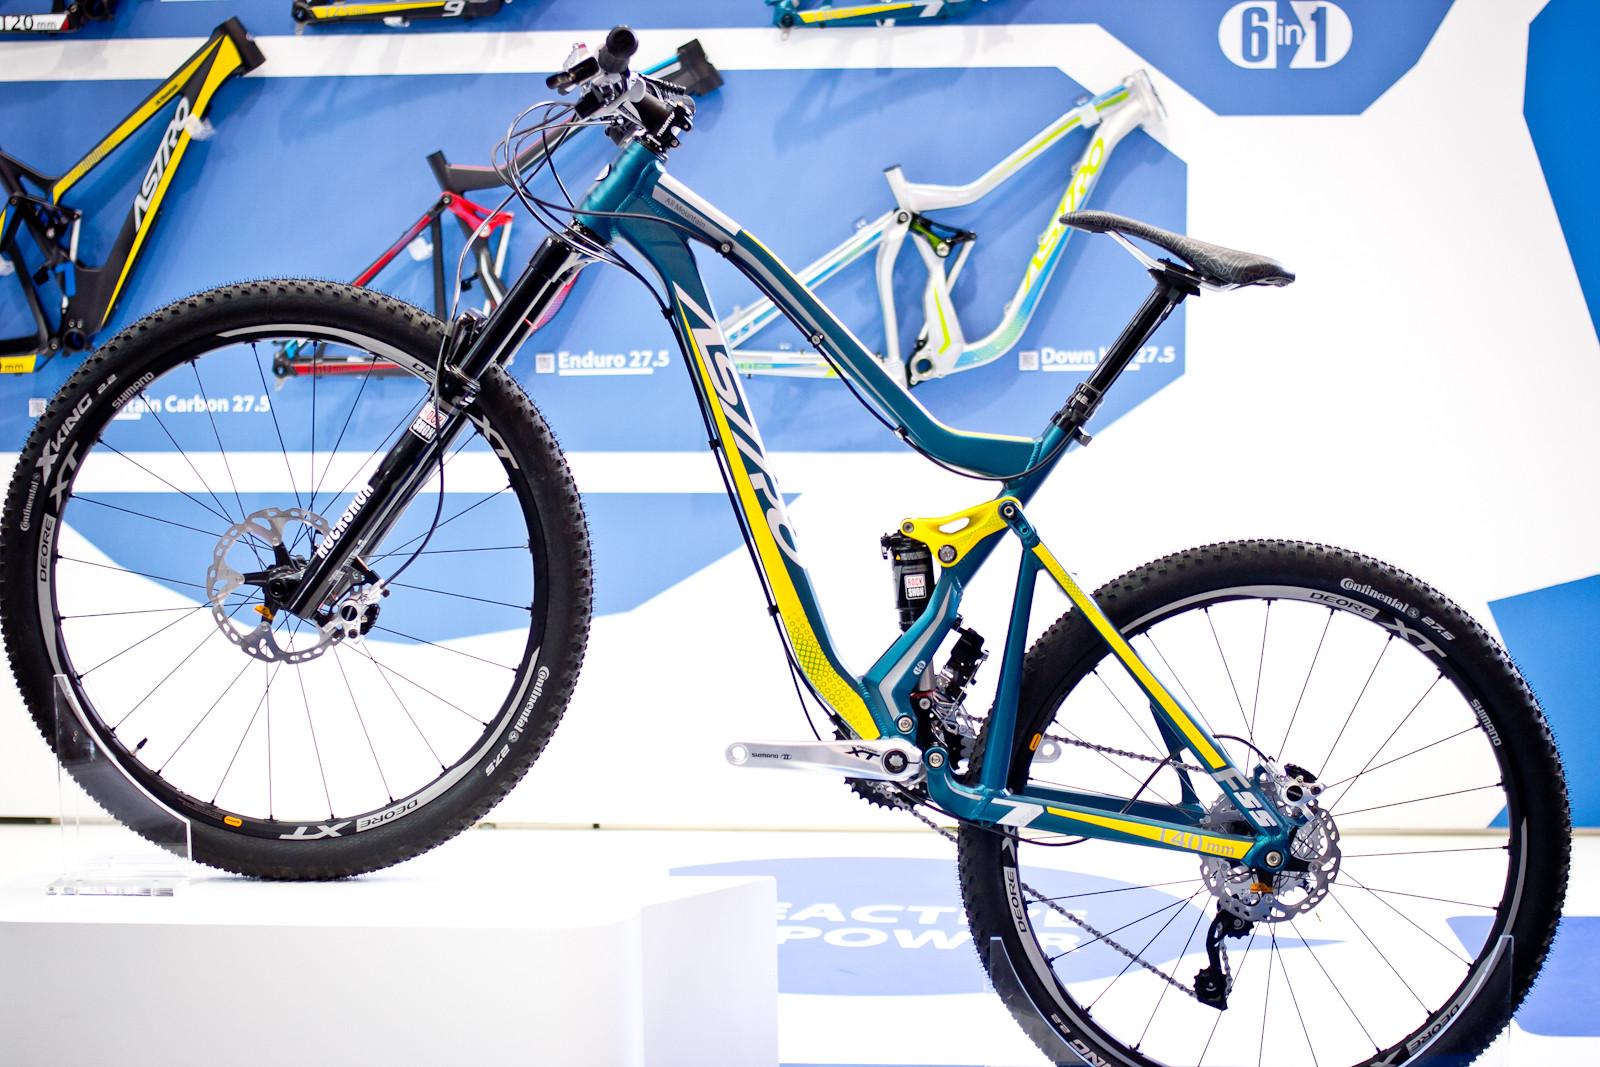 2015 Astro Catalogue Frames - 2015 Trail, All-Mountain & Enduro Bikes at Eurobike 2014 - Mountain Biking Pictures - Vital MTB